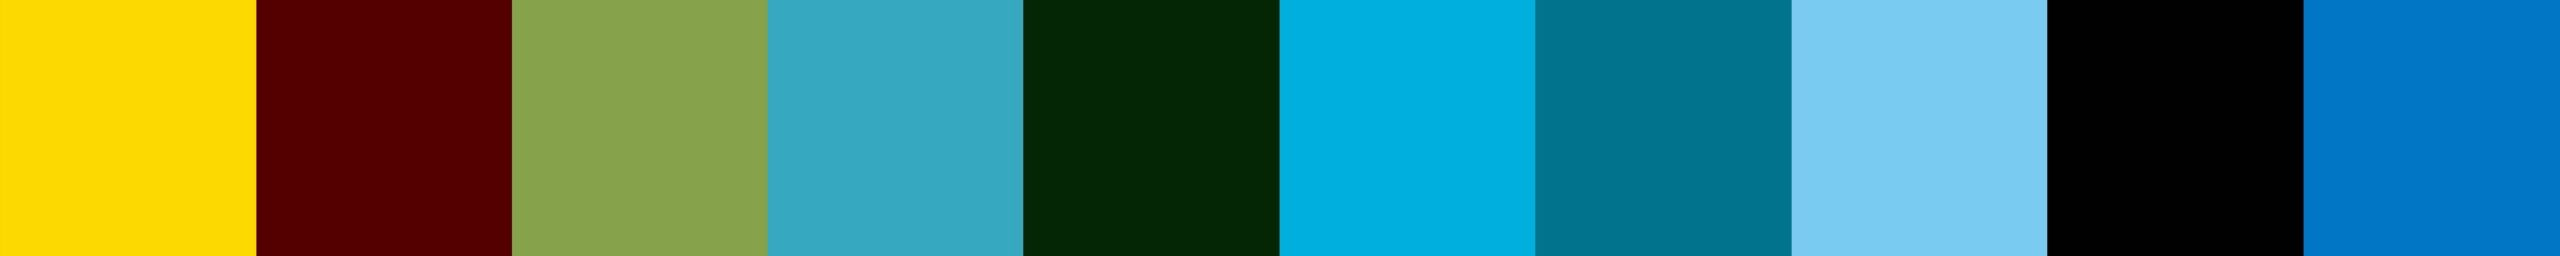 93 Berrama Color Palette